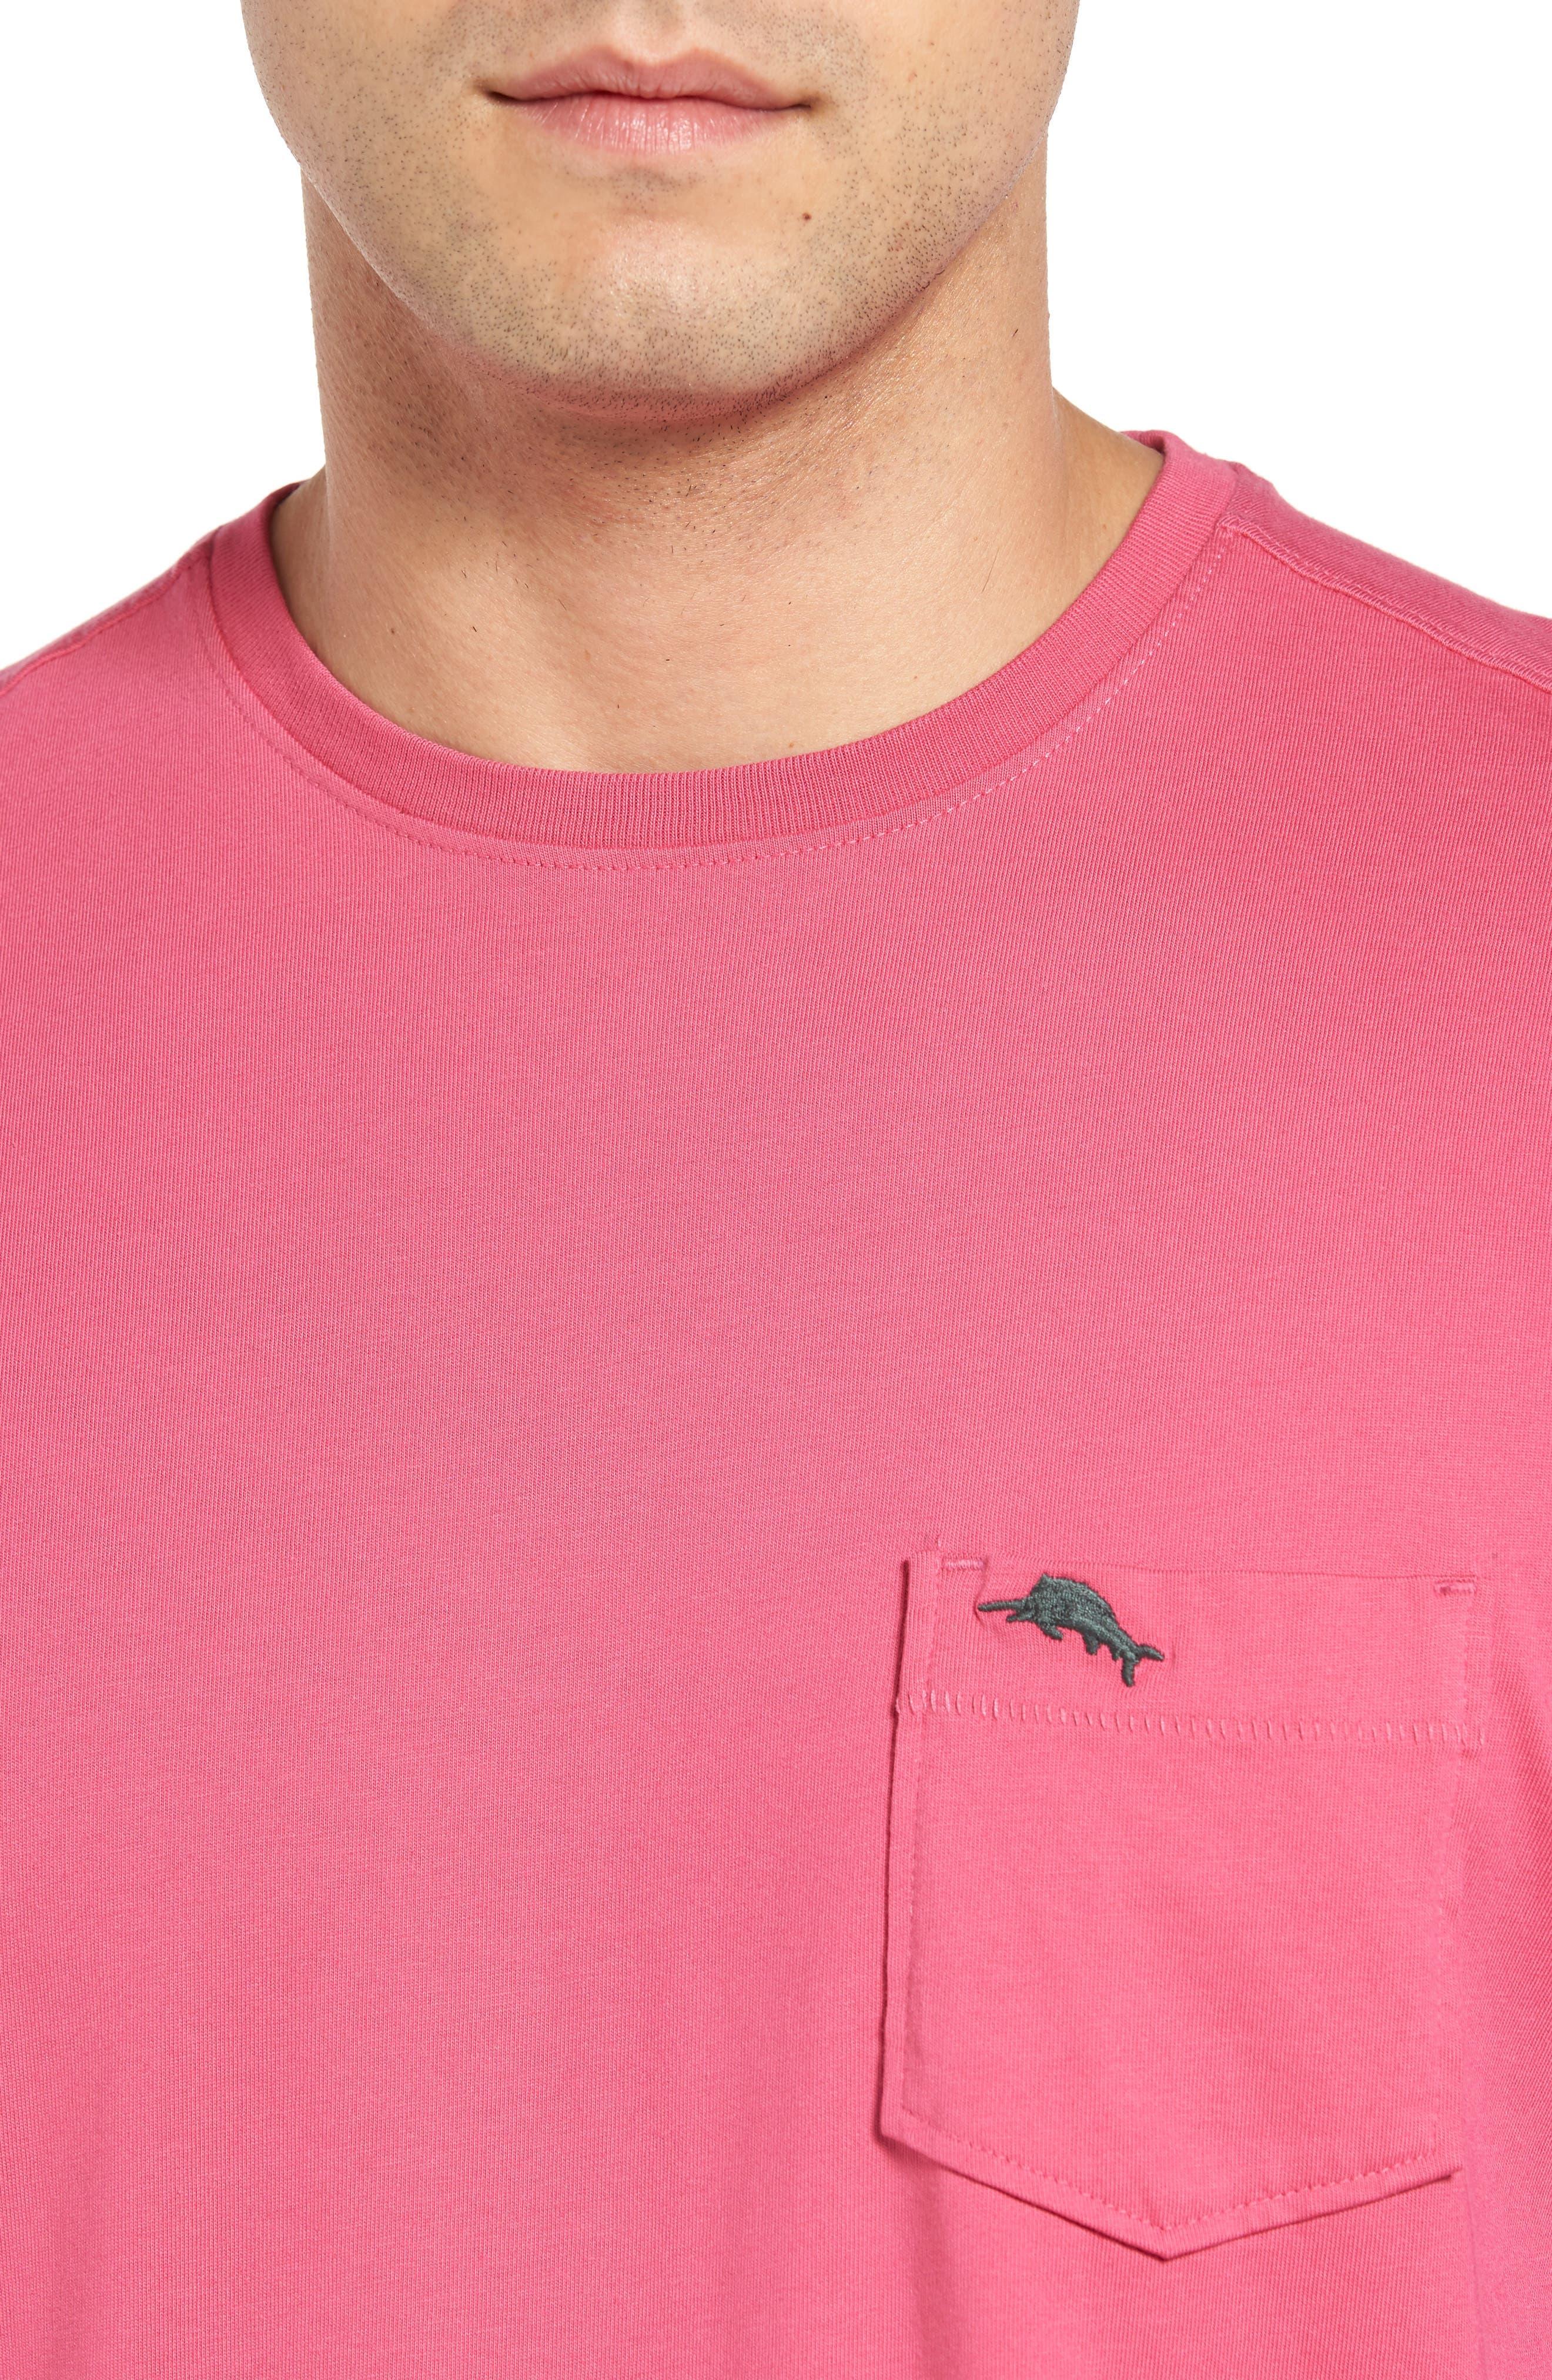 New Bali Sky Pima Cotton Pocket T-Shirt,                             Alternate thumbnail 113, color,